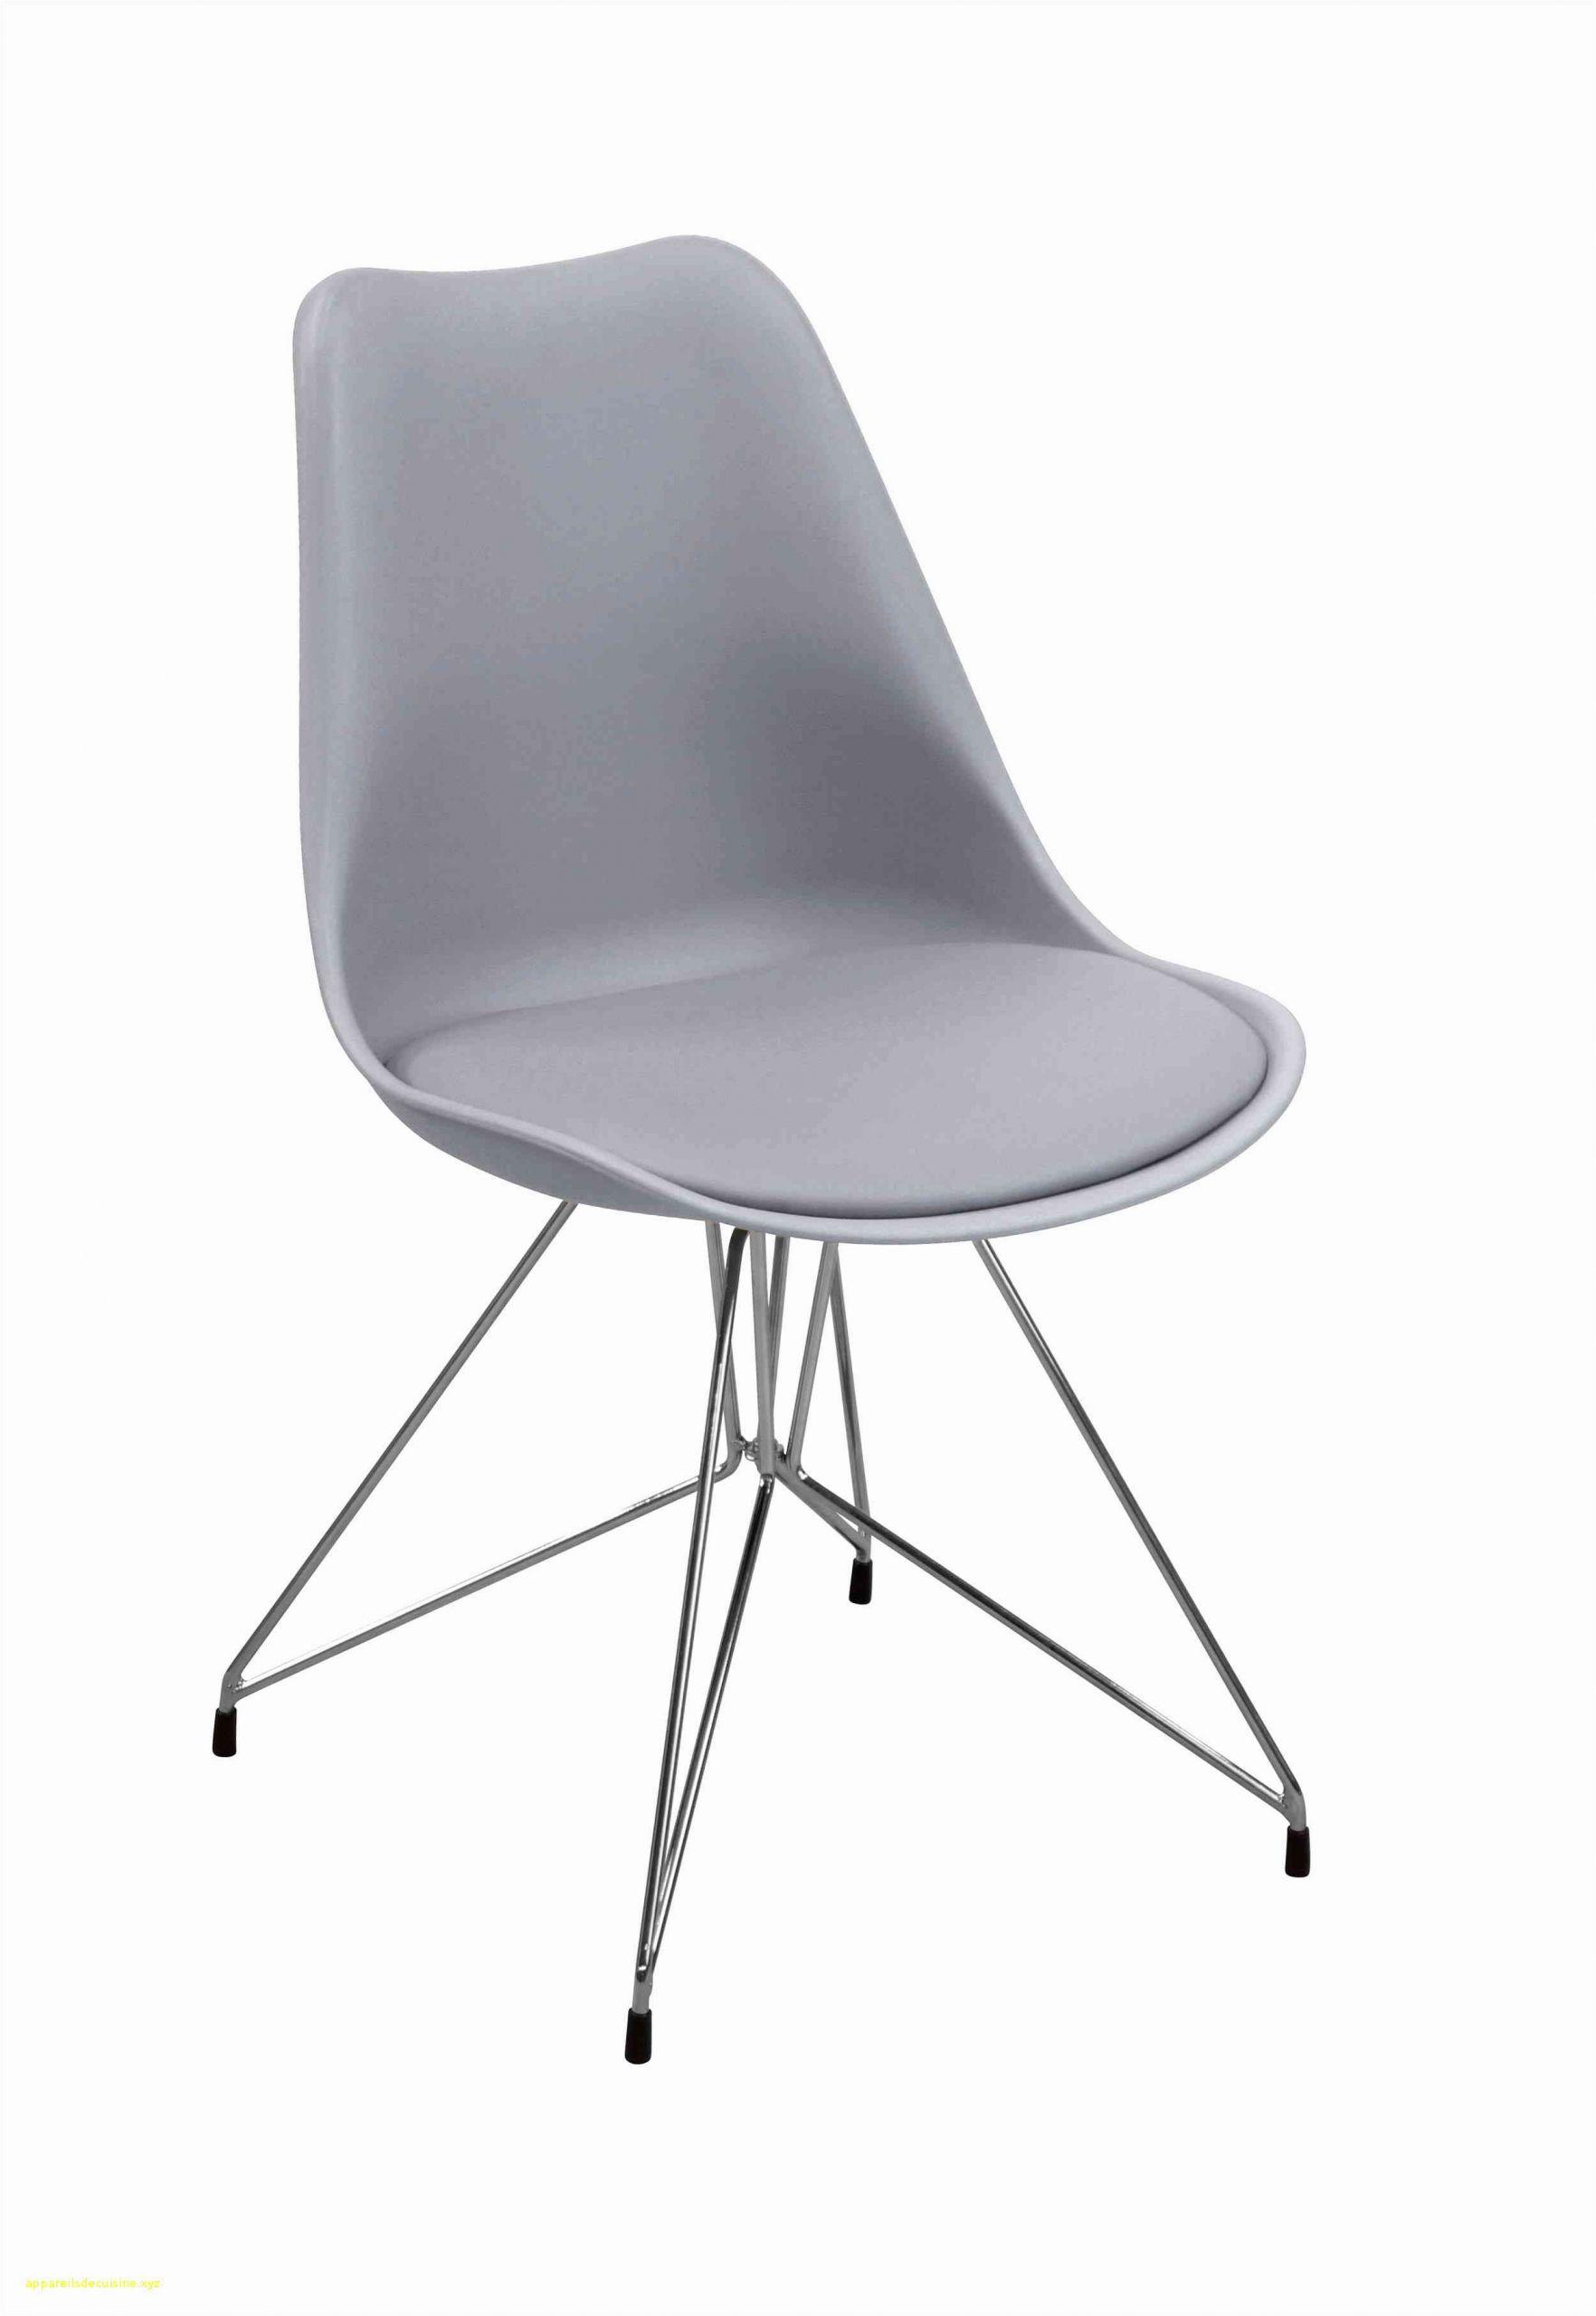 table chaise de jardin pas cher nouveau table design pas cher inspirant table de jardin design pas cher of table chaise de jardin pas cher